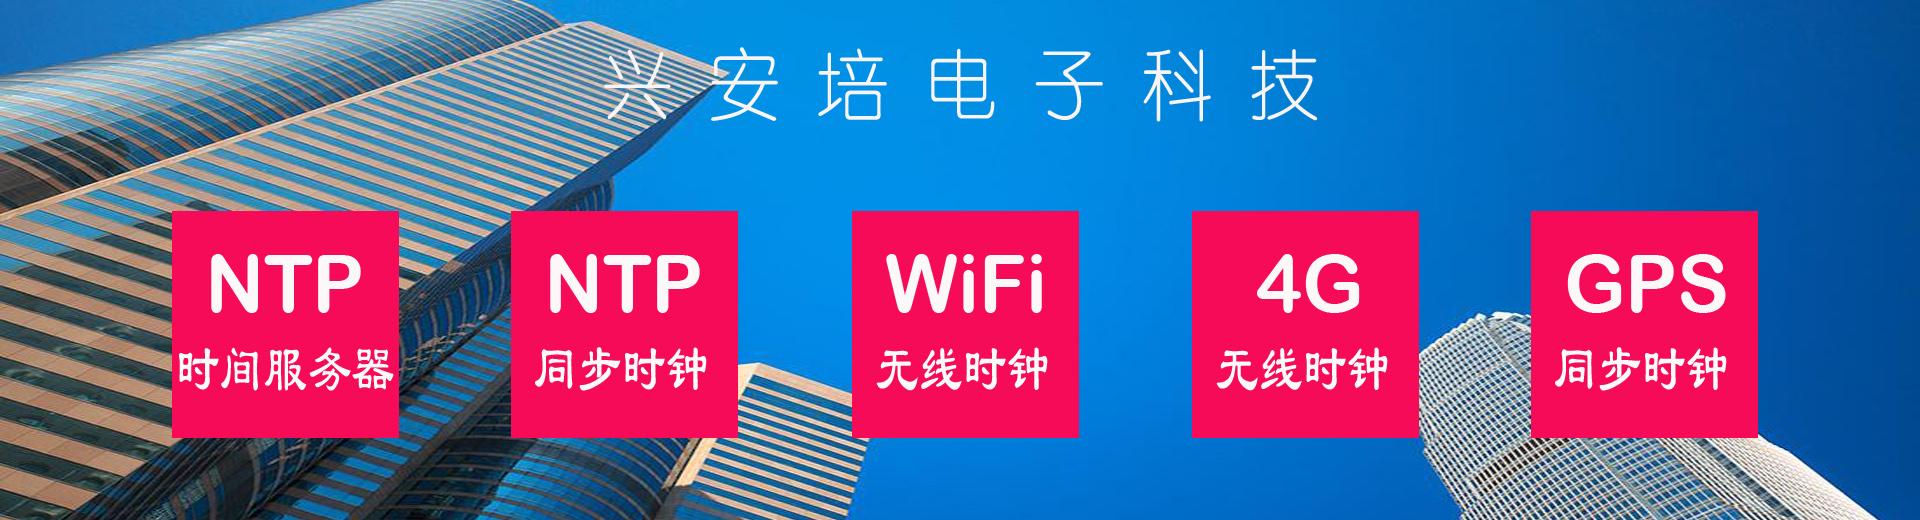 泉州市兴安培电子科技有限公司|网站